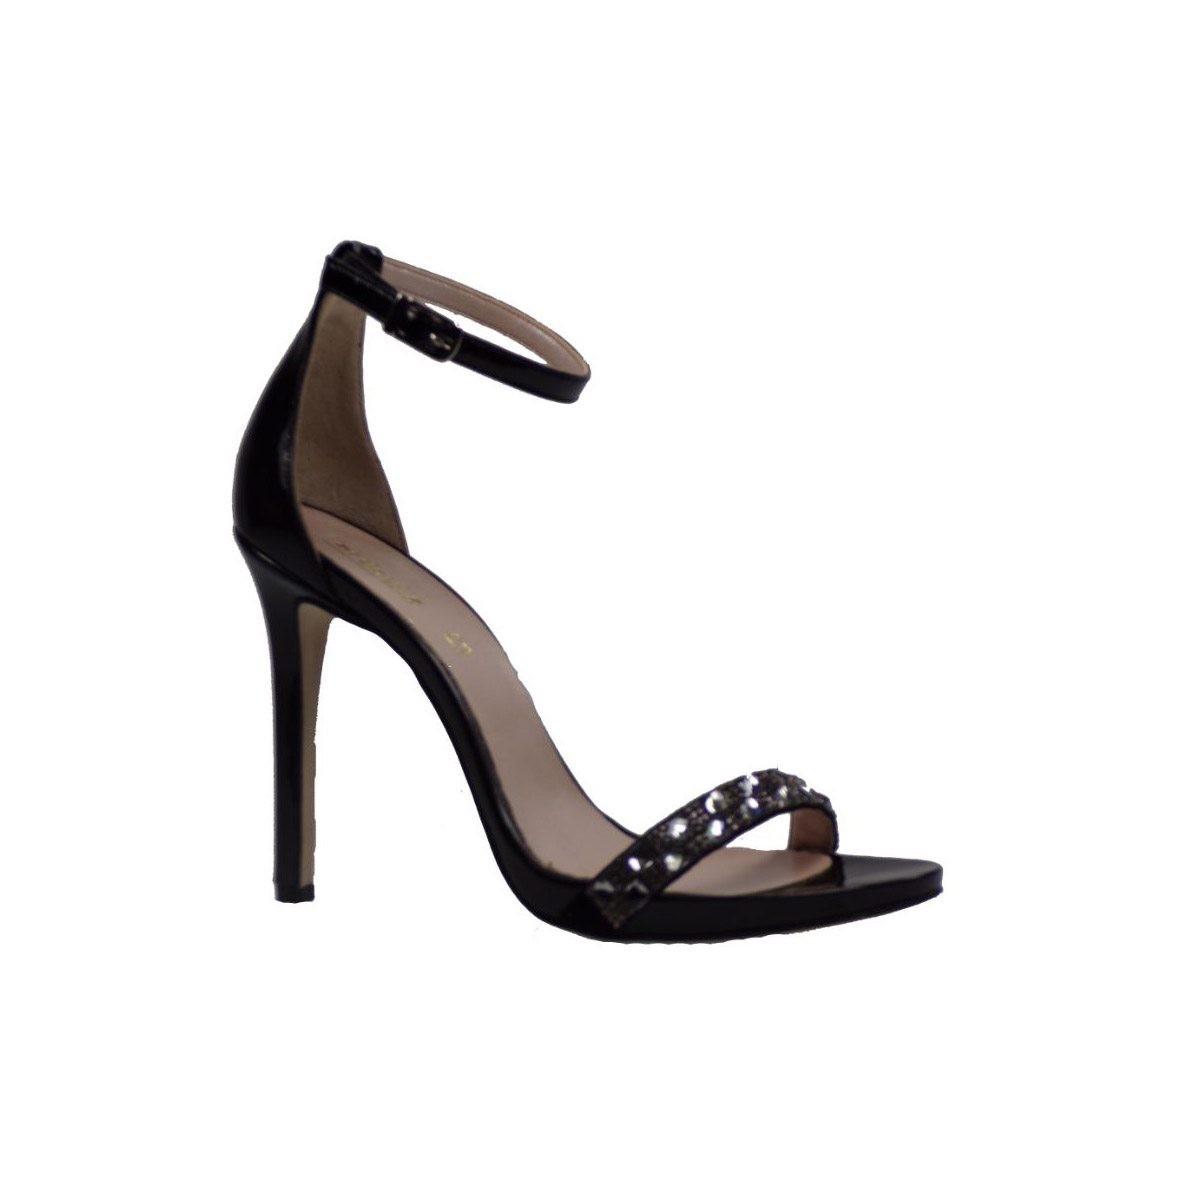 Fardoulis shoes Γυναικεία Πέδιλα 26(2703) Μαύρο  d94e4b6d0d9